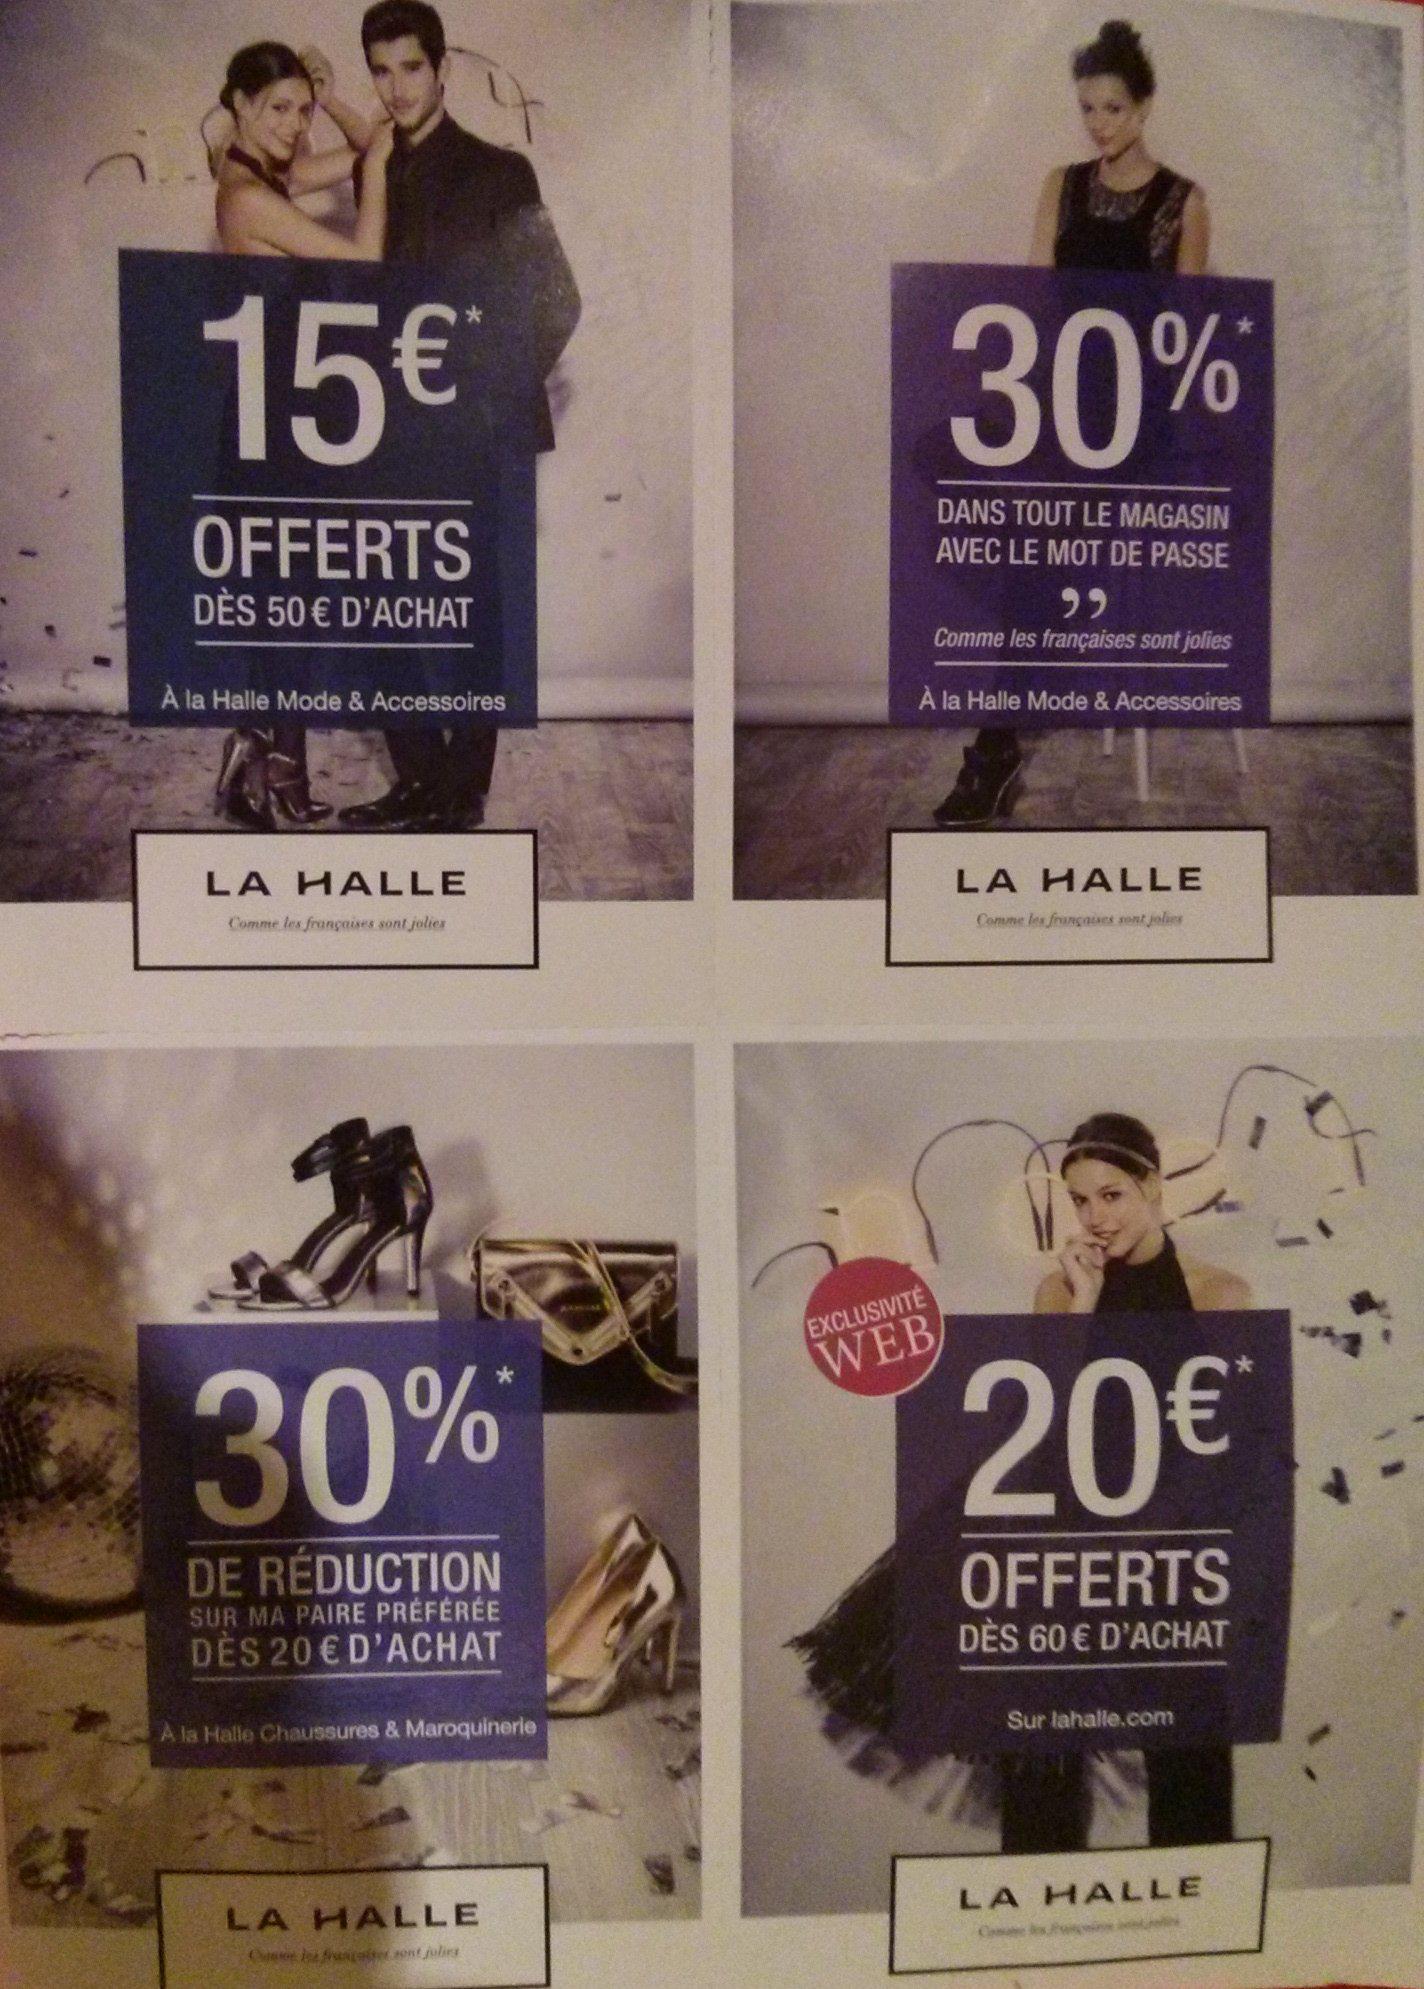 20€ de réduction dès 60€ d'achat